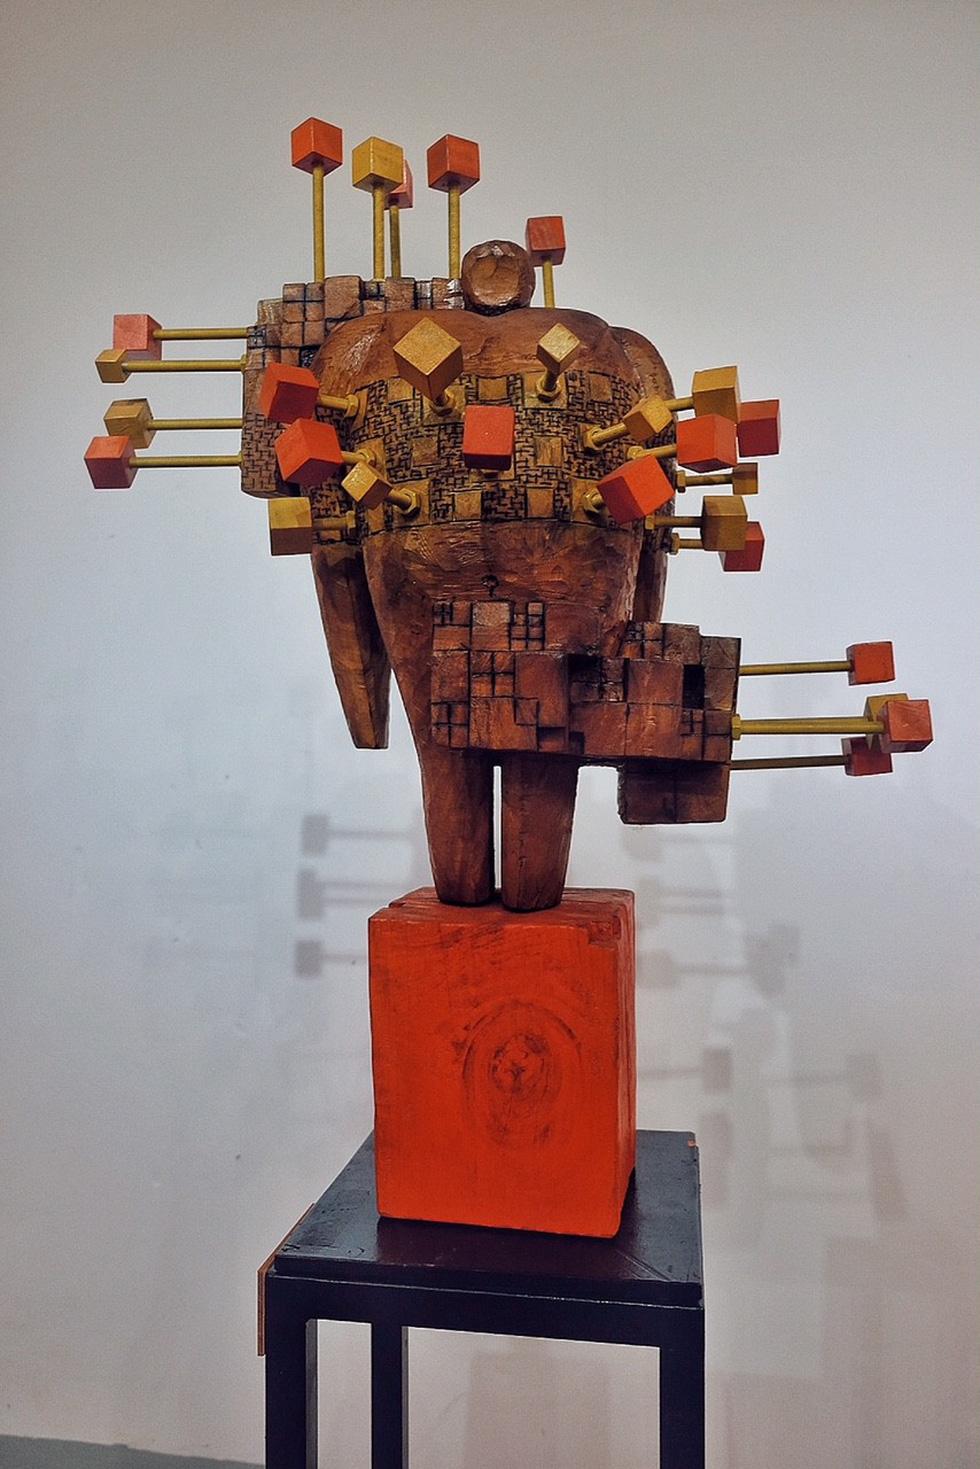 Triển lãm điêu khắc Sài Gòn - Hà Nội: Heo lên ngôi trong năm Kỷ Hợi - Ảnh 19.